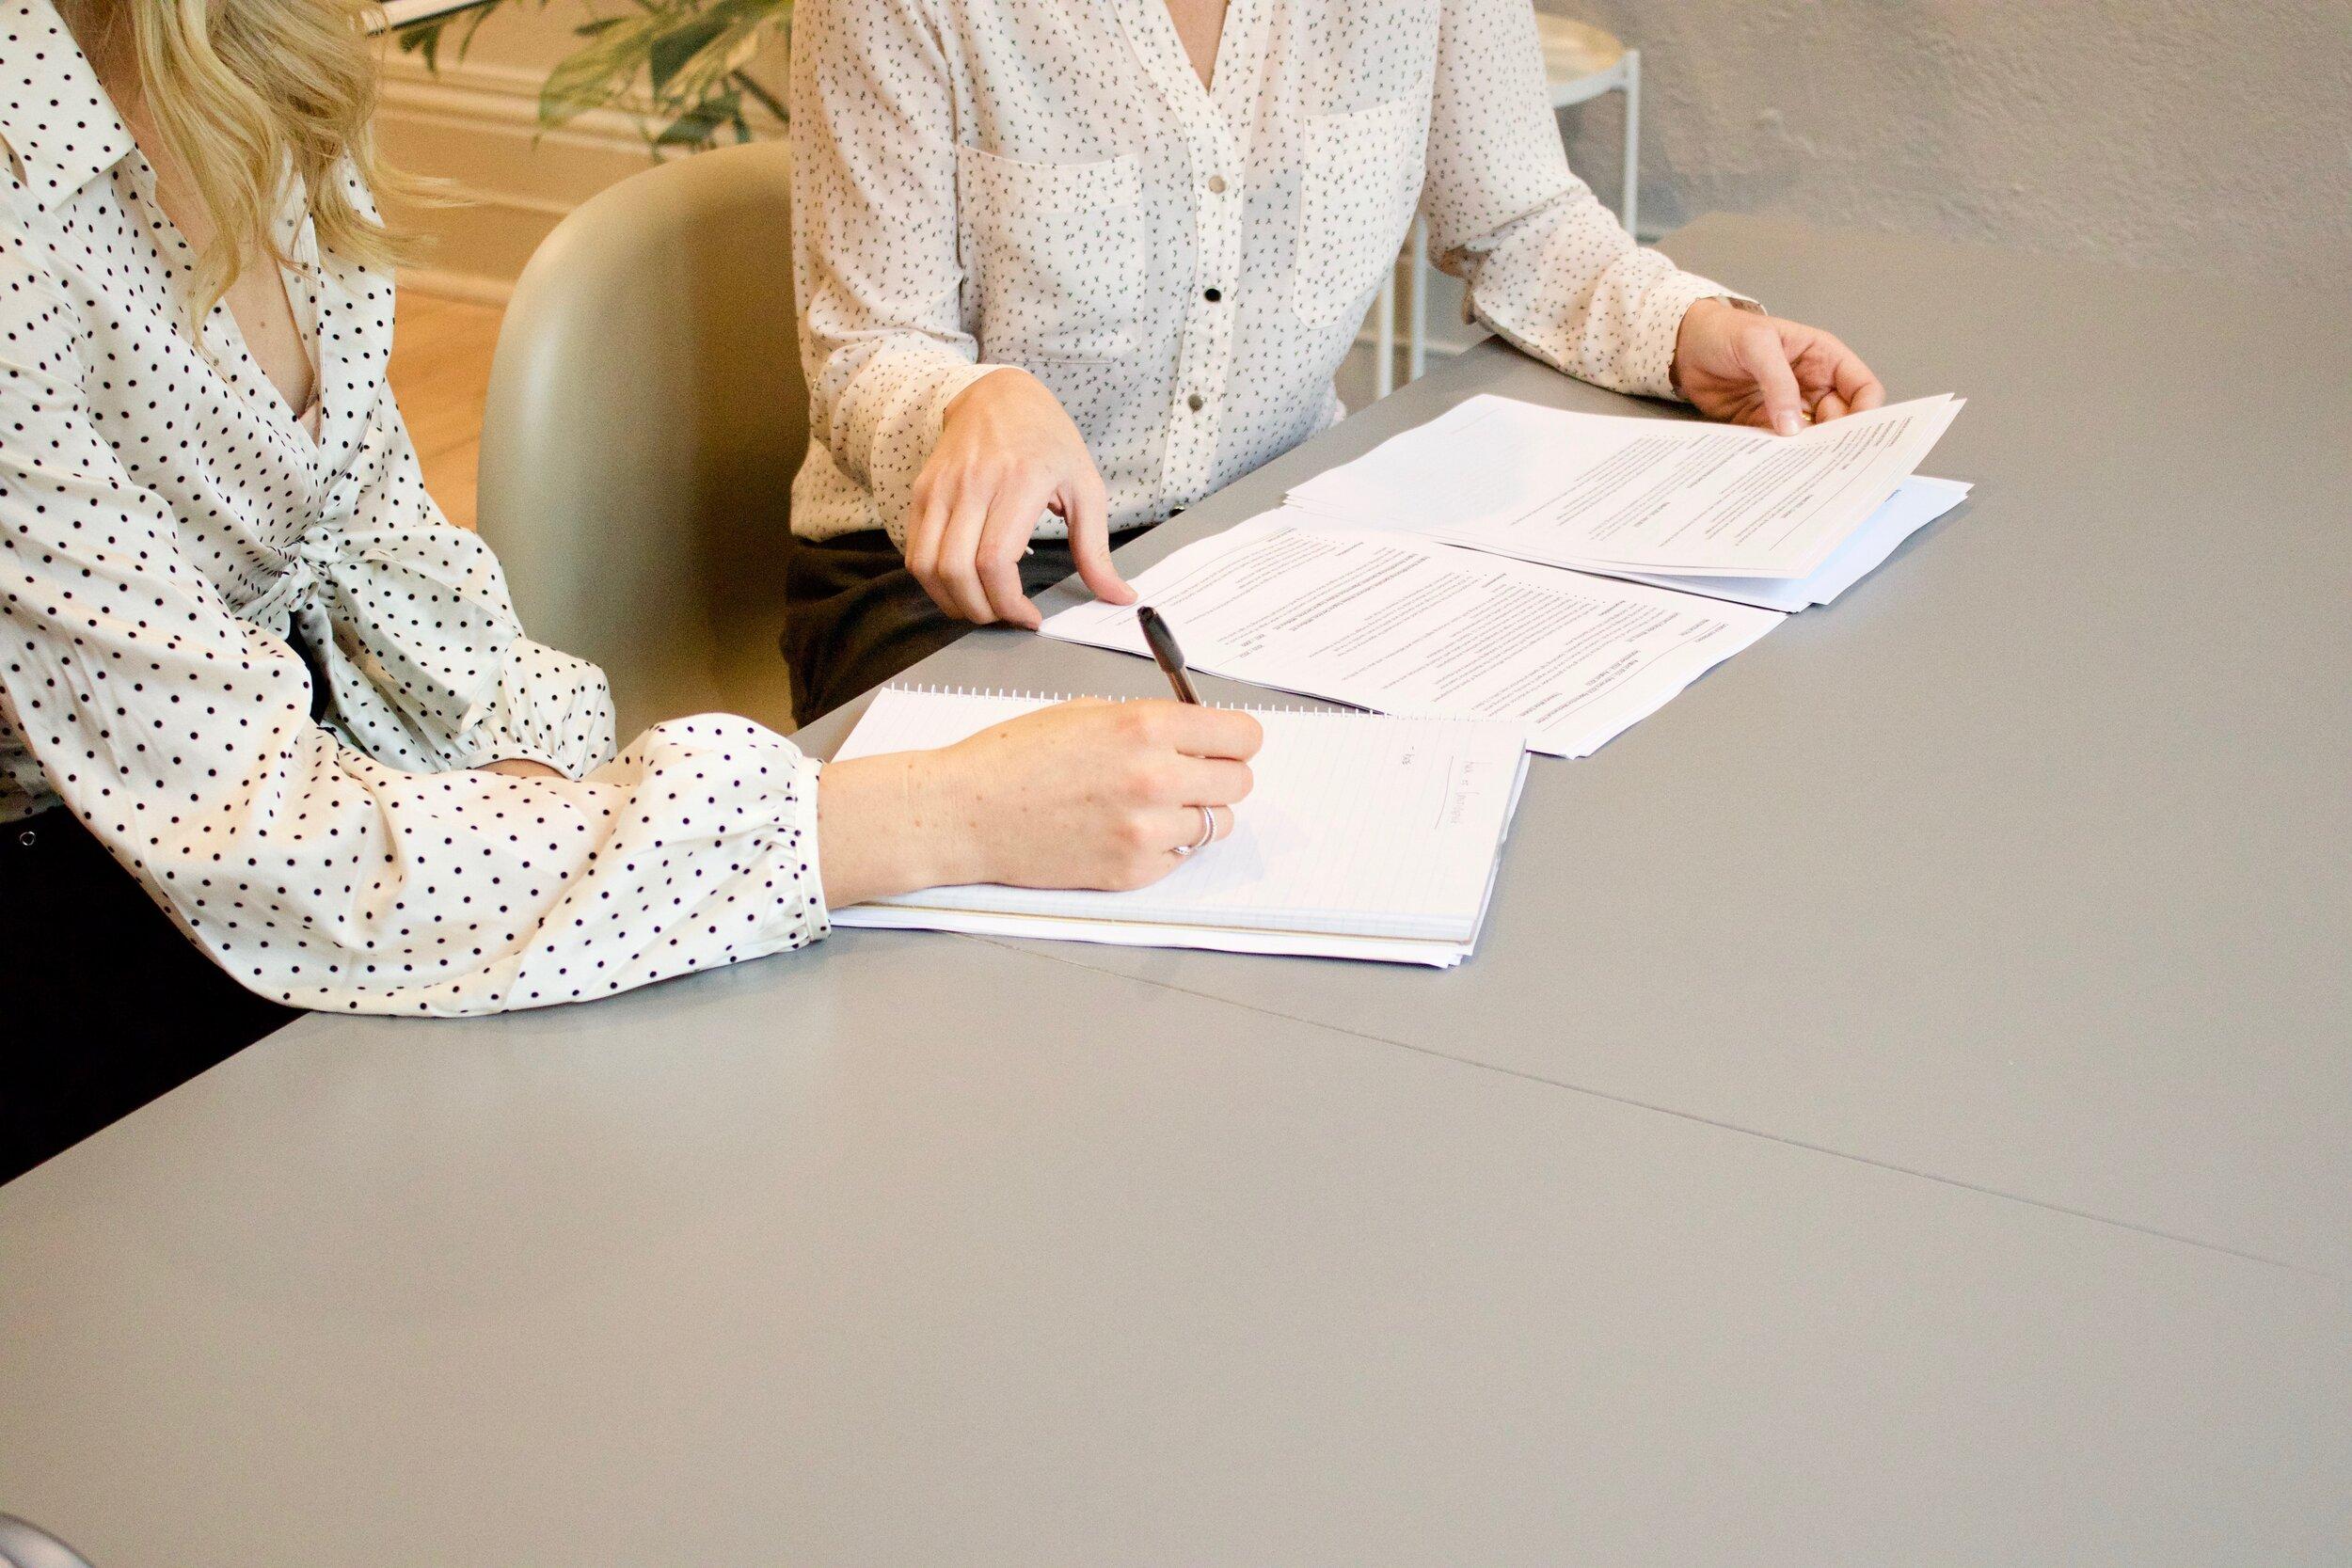 Führen kann sowohl die Chefin als auch die Mitarbeiterin.